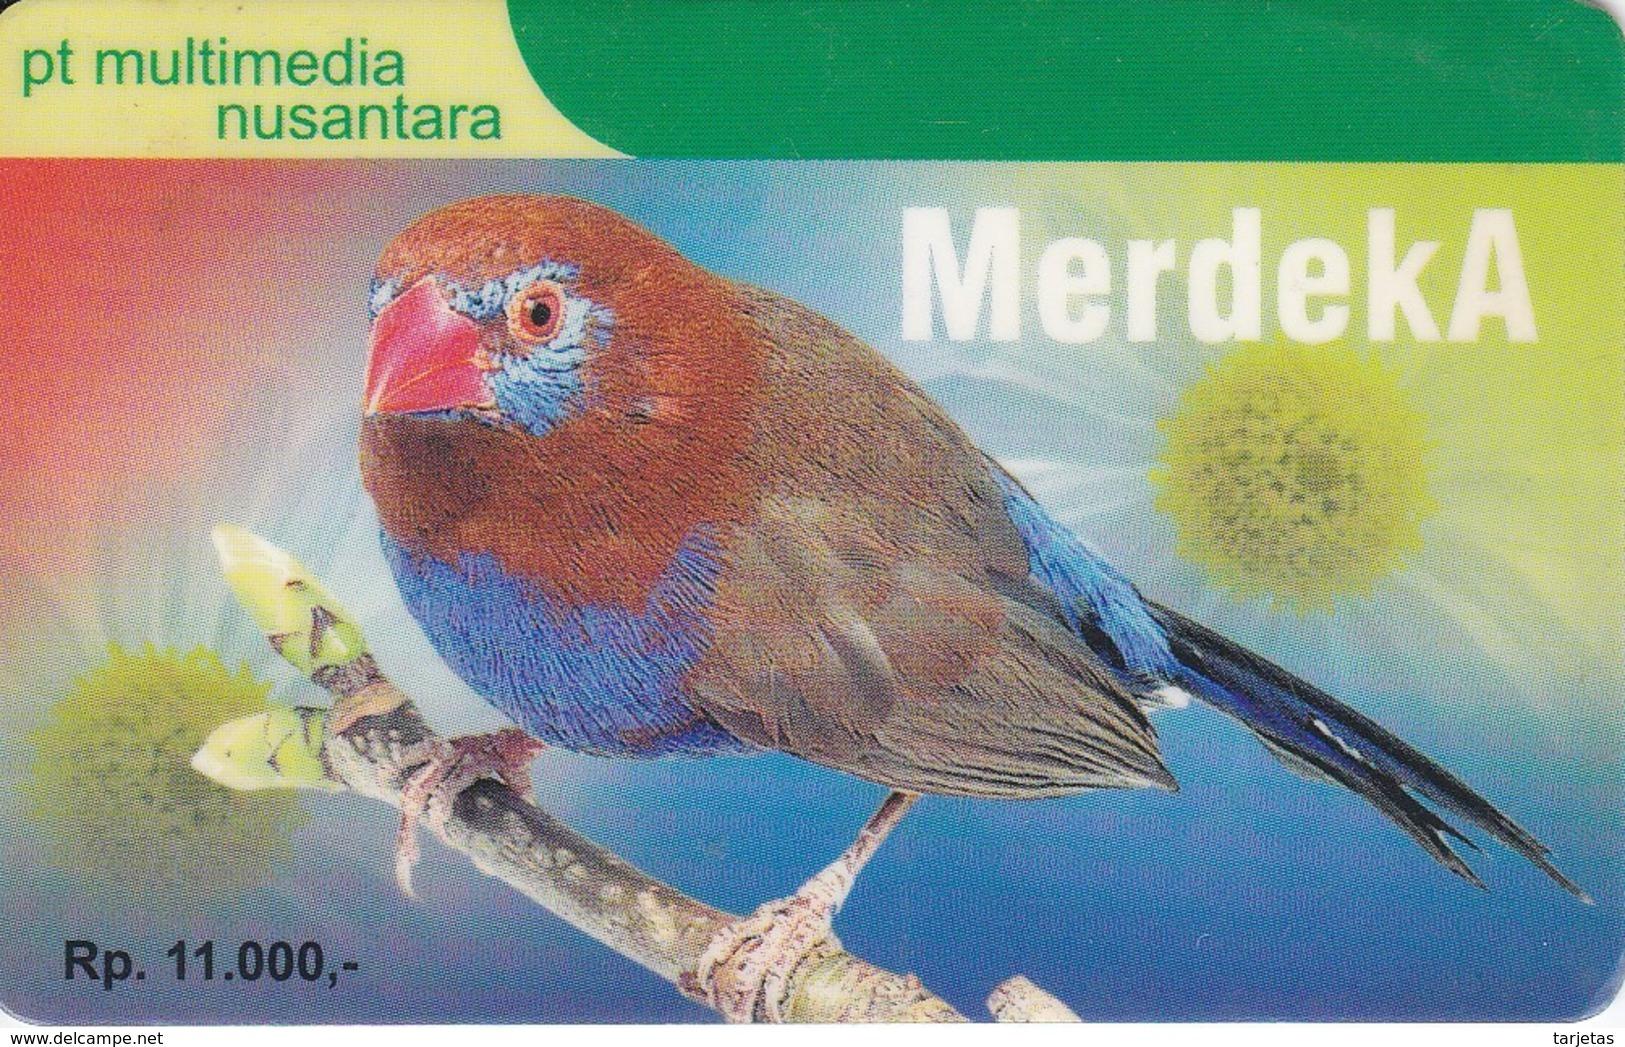 TARJETA DE INDONESIA DE UN PAJARO DE COLORES (BIRD-PAJARO) - Pájaros